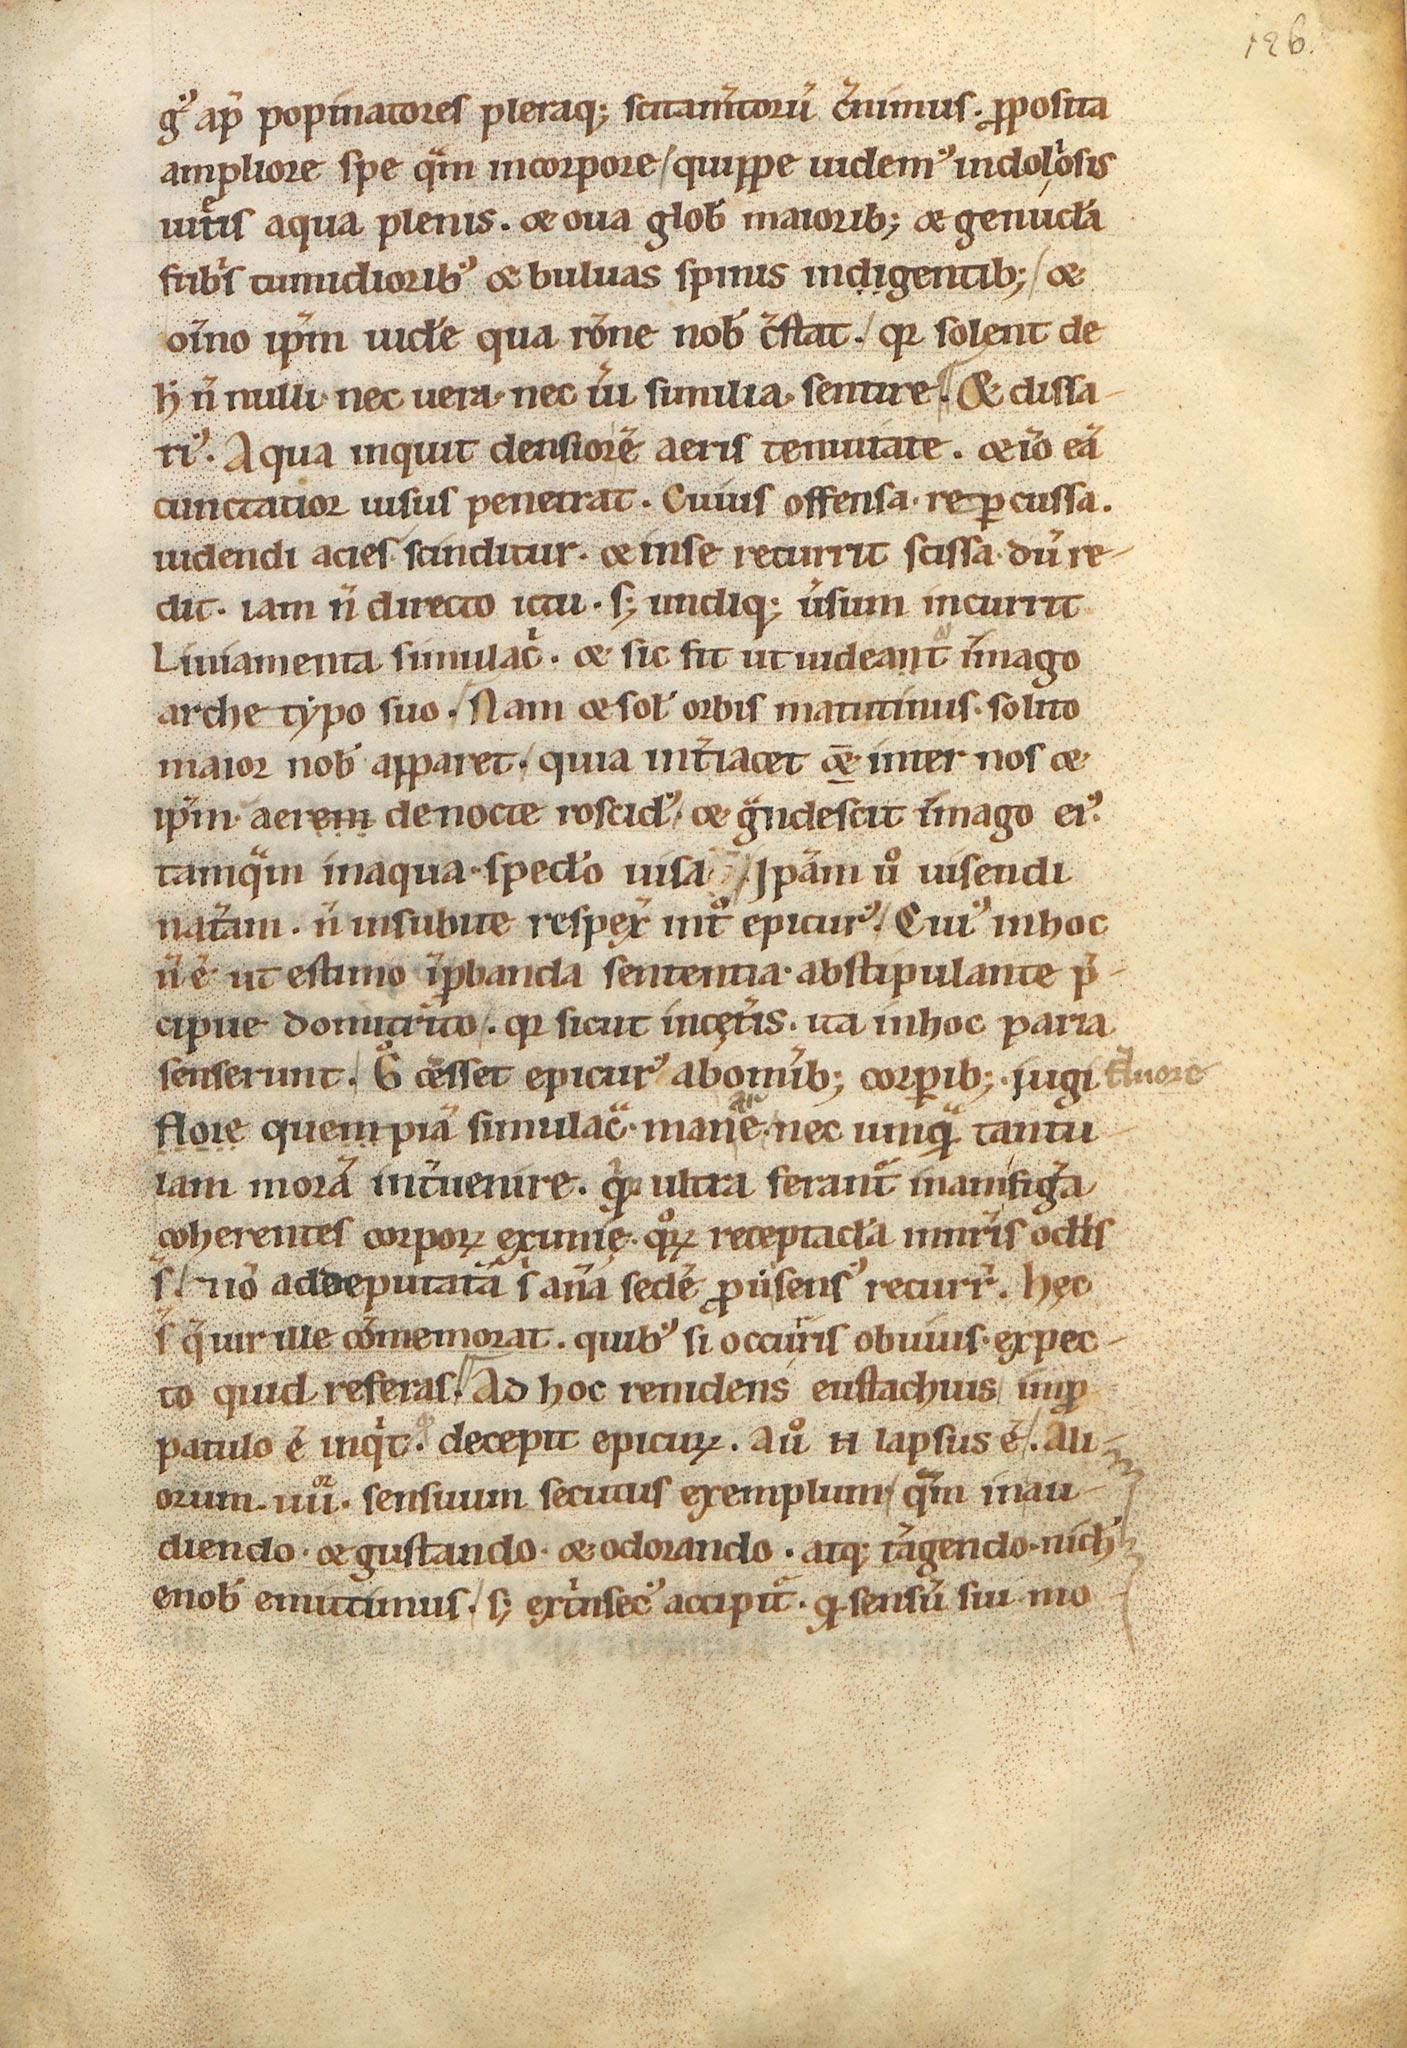 Manuscrit-Saturnales-126r°